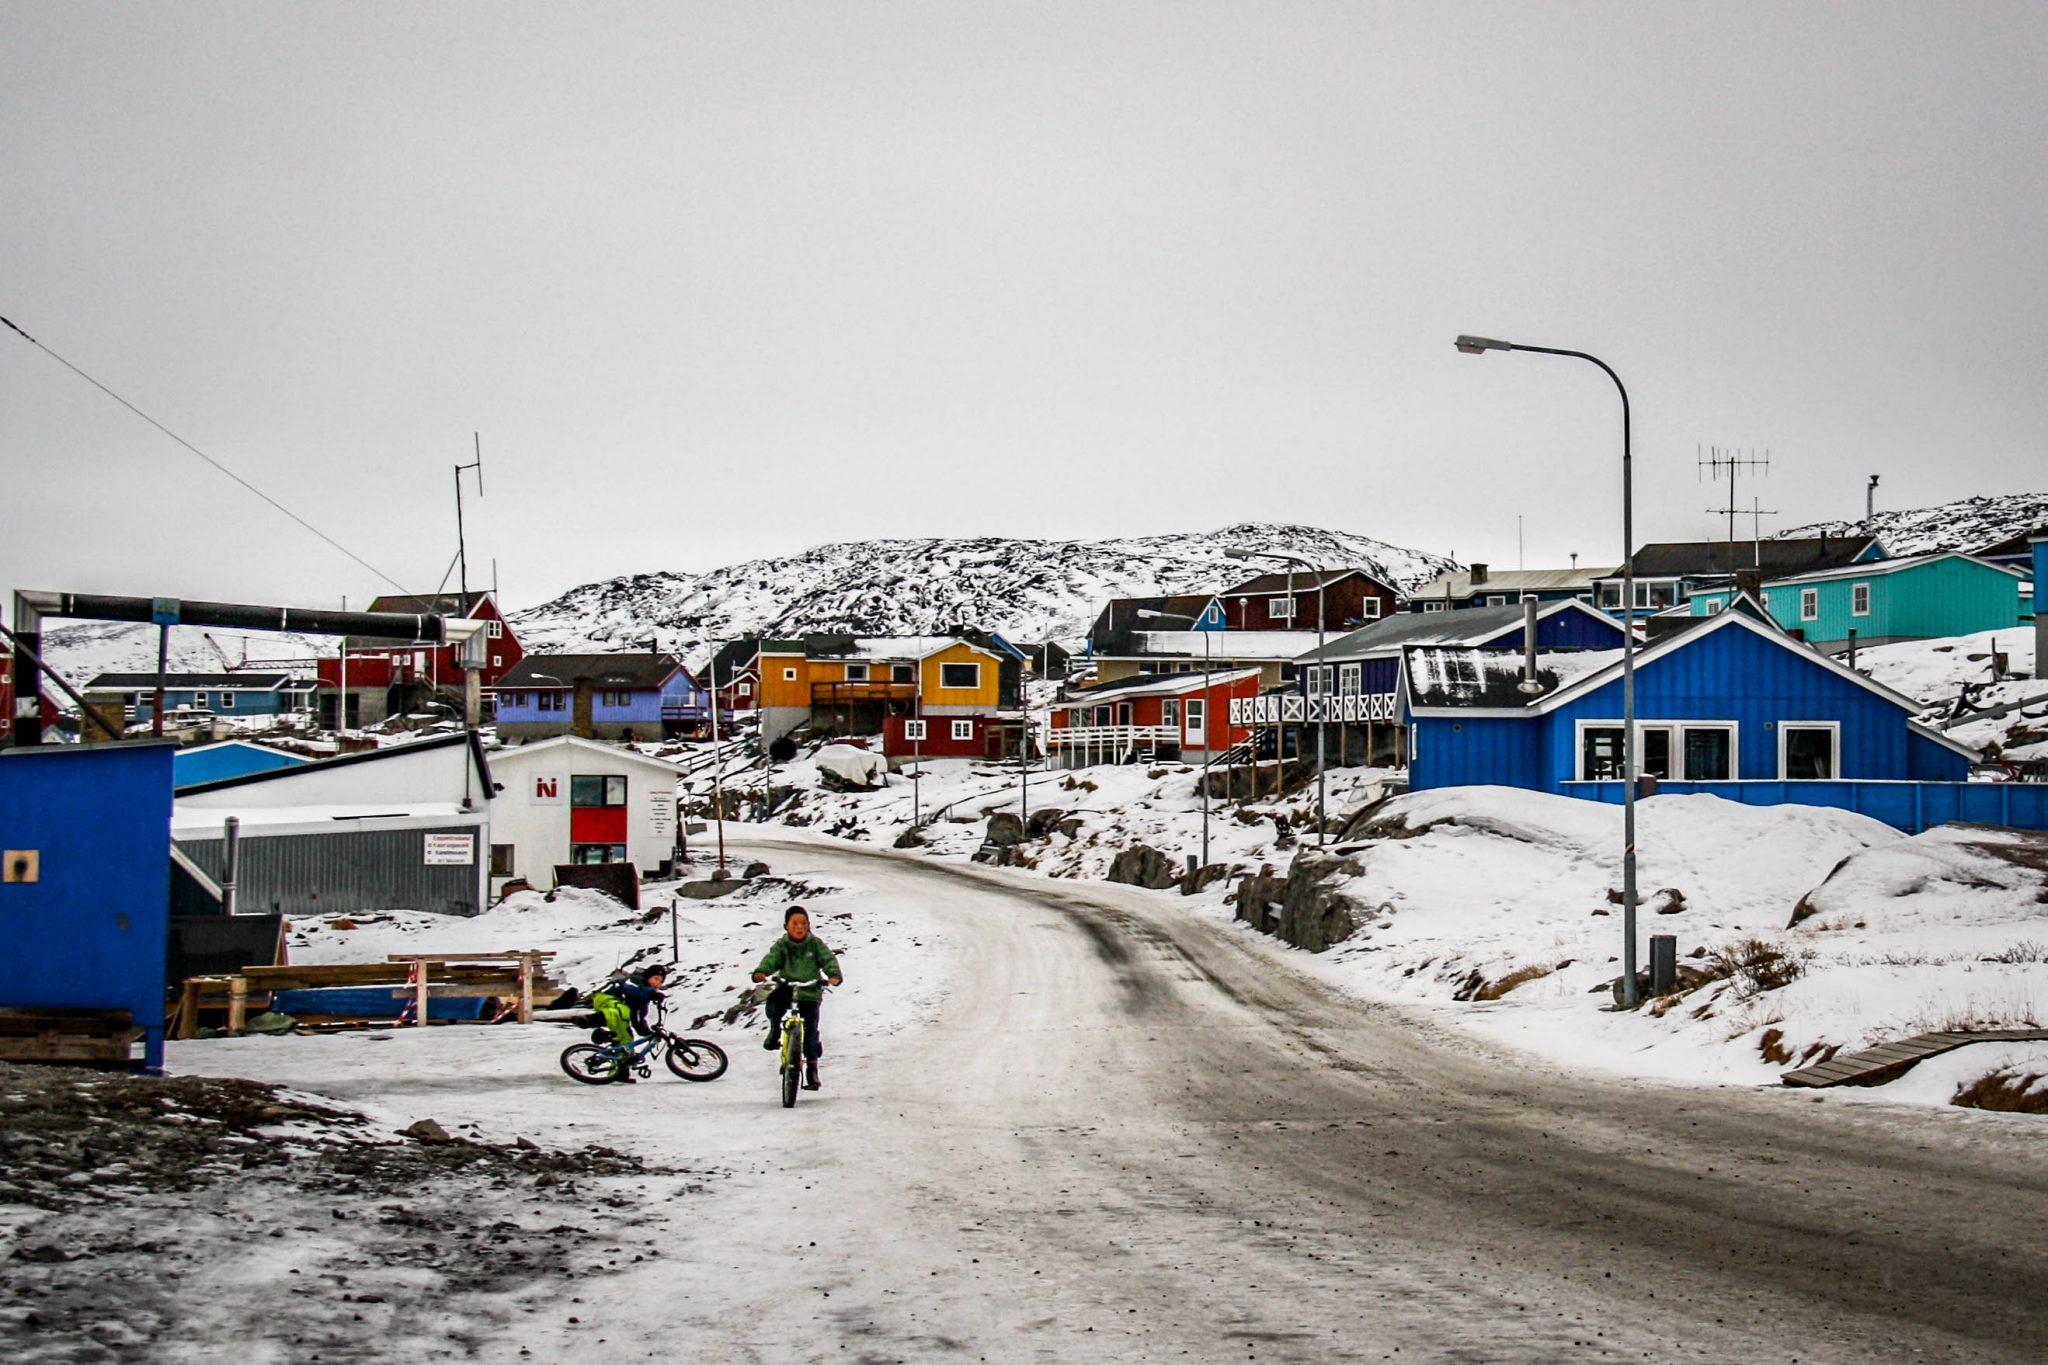 Drenge på Cykel i Grønlandsk Gade